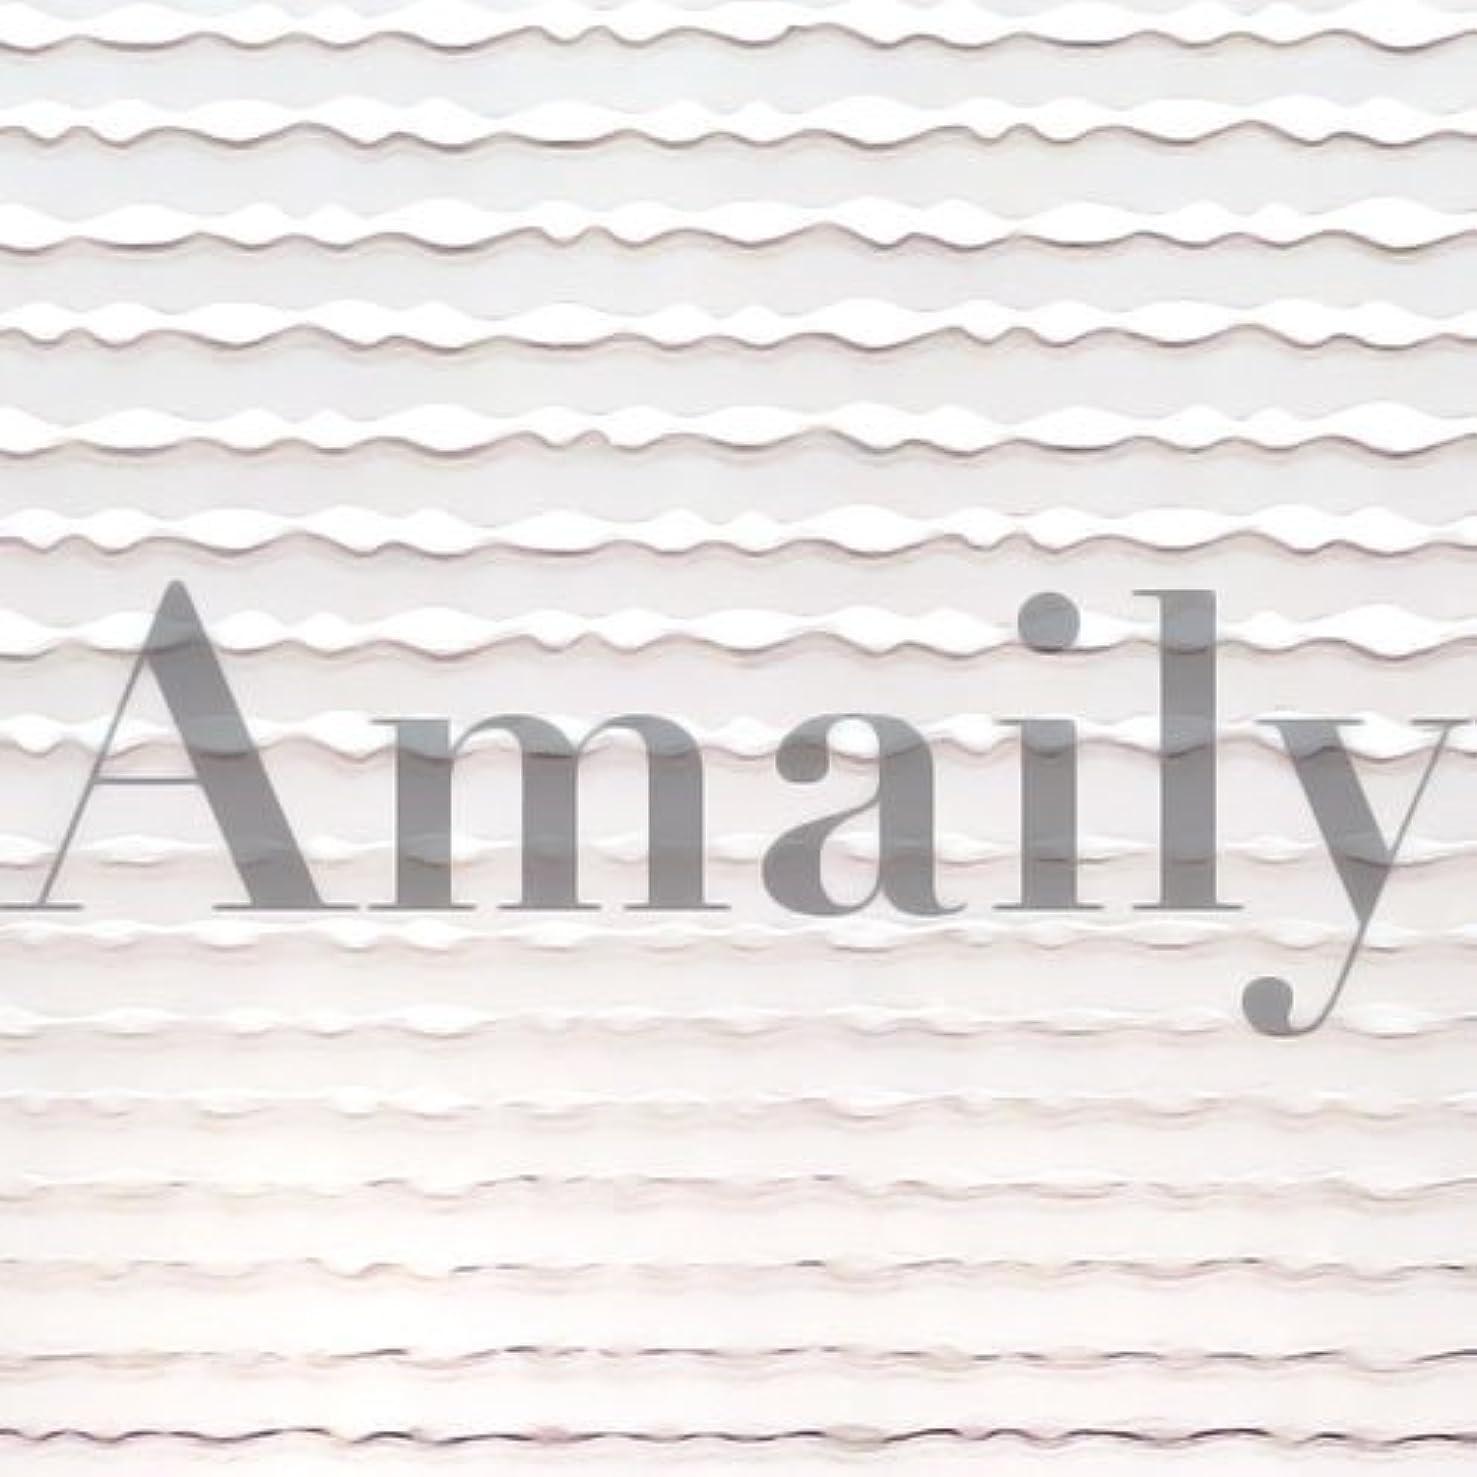 気を散らす犯罪チチカカ湖Amaily(アメイリー)波ライン シルバー【ネイルアート、ネイルシール、ネイル パーツ】